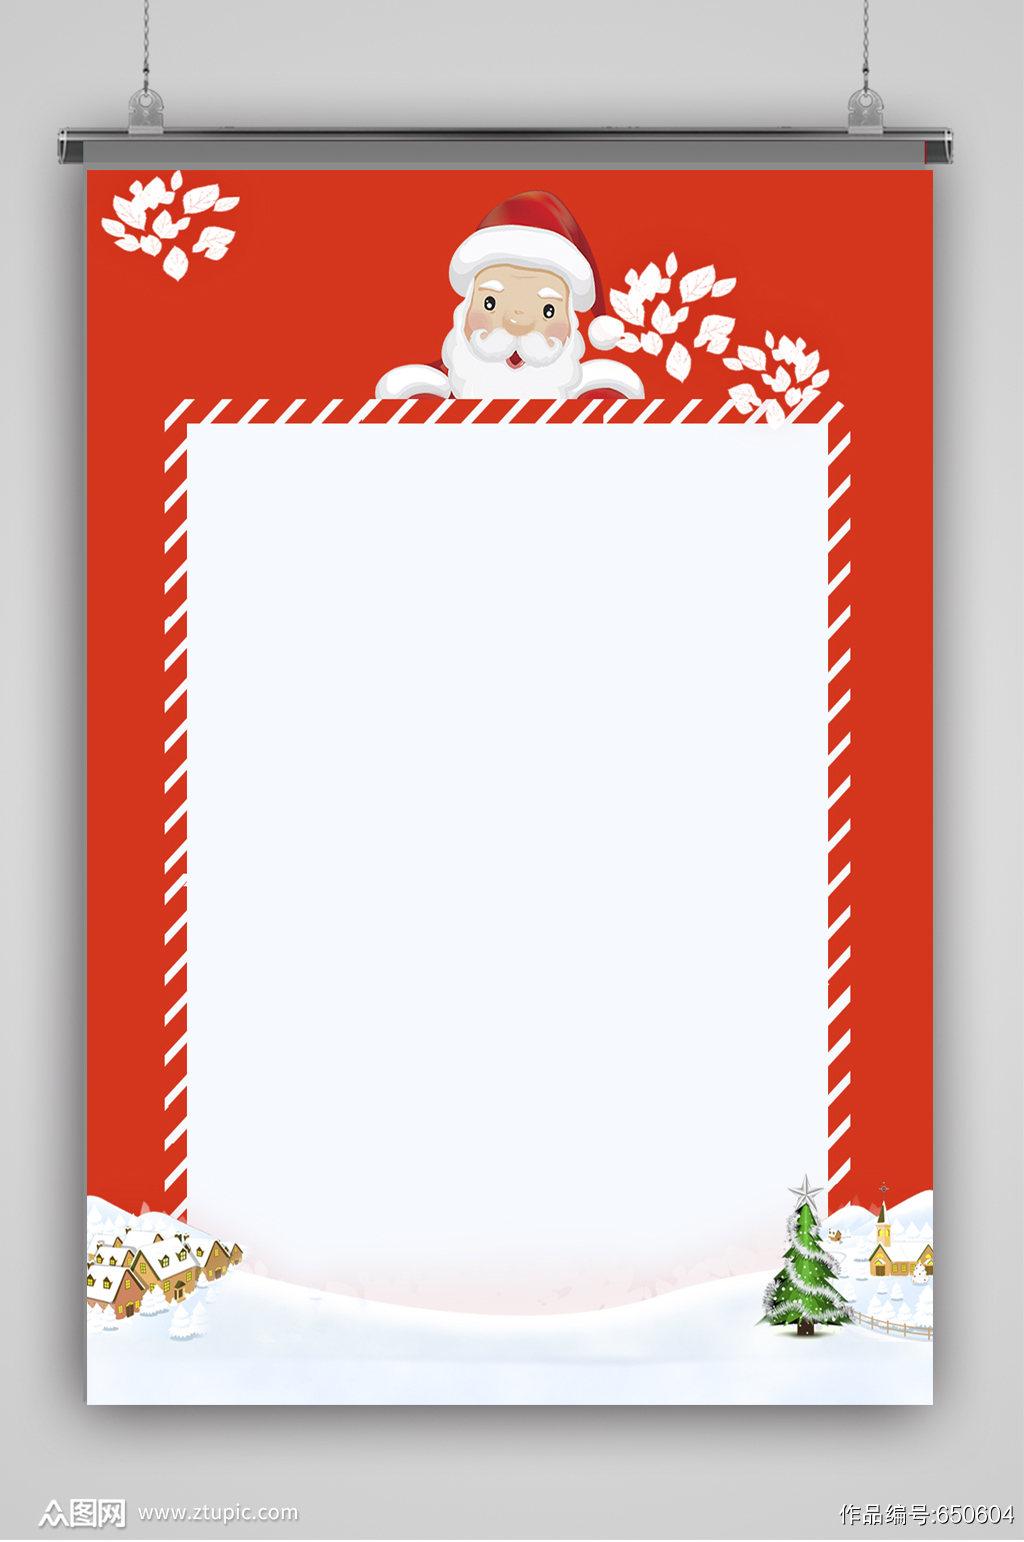 红色卡通圣诞节海报背景素材